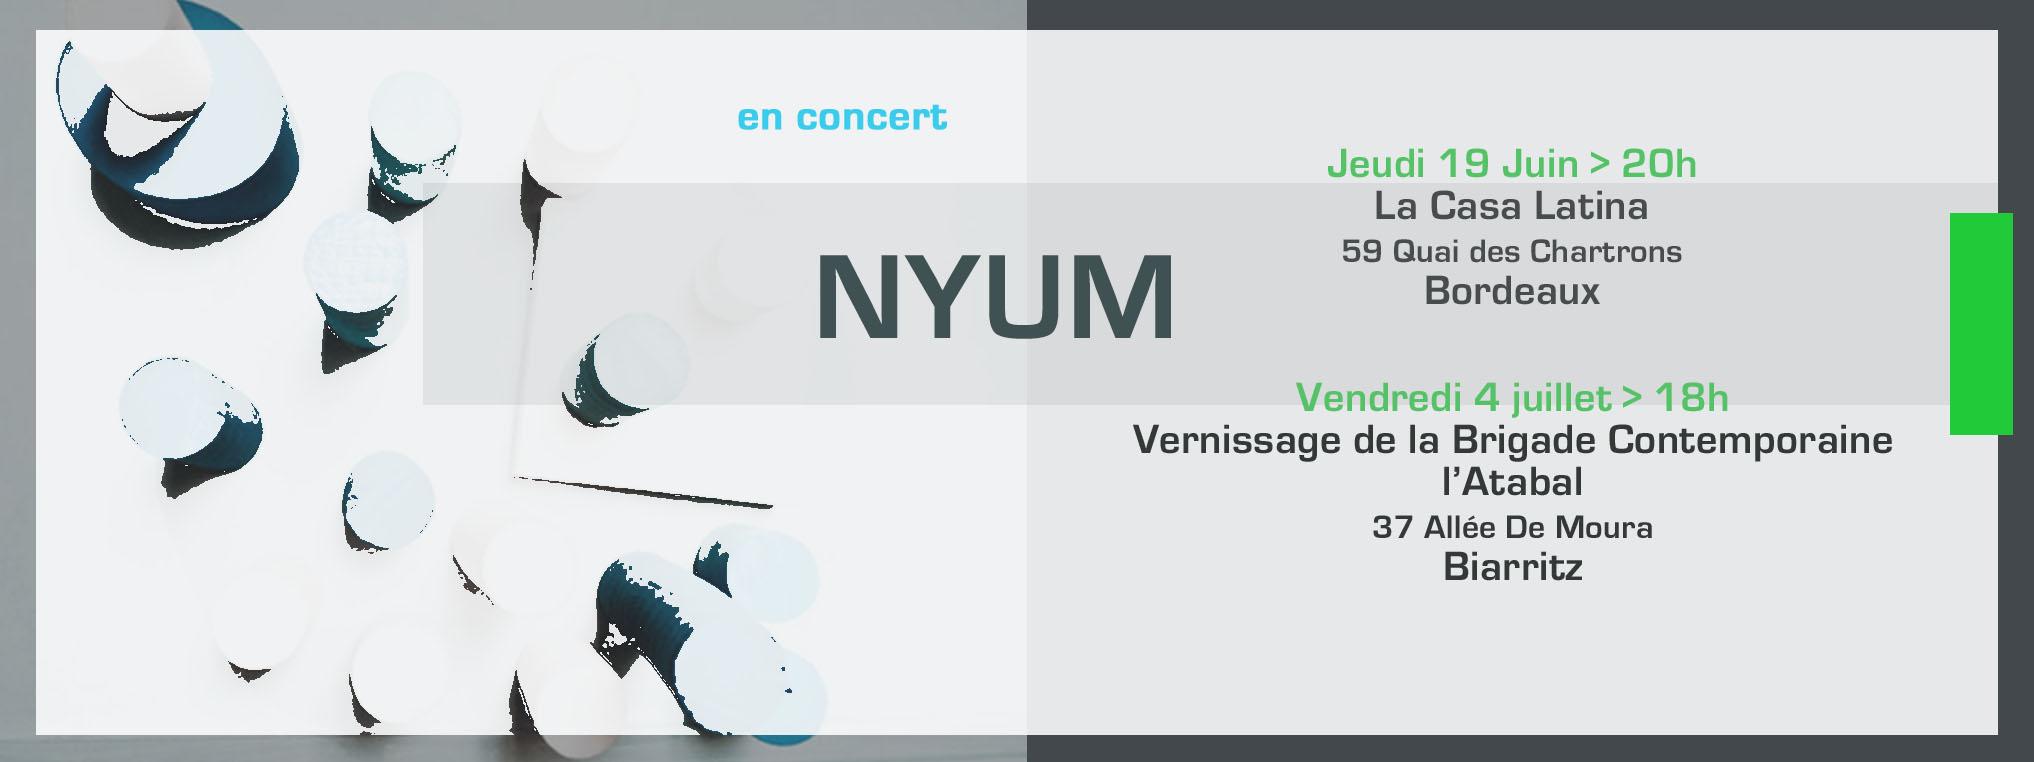 Nyum en concert